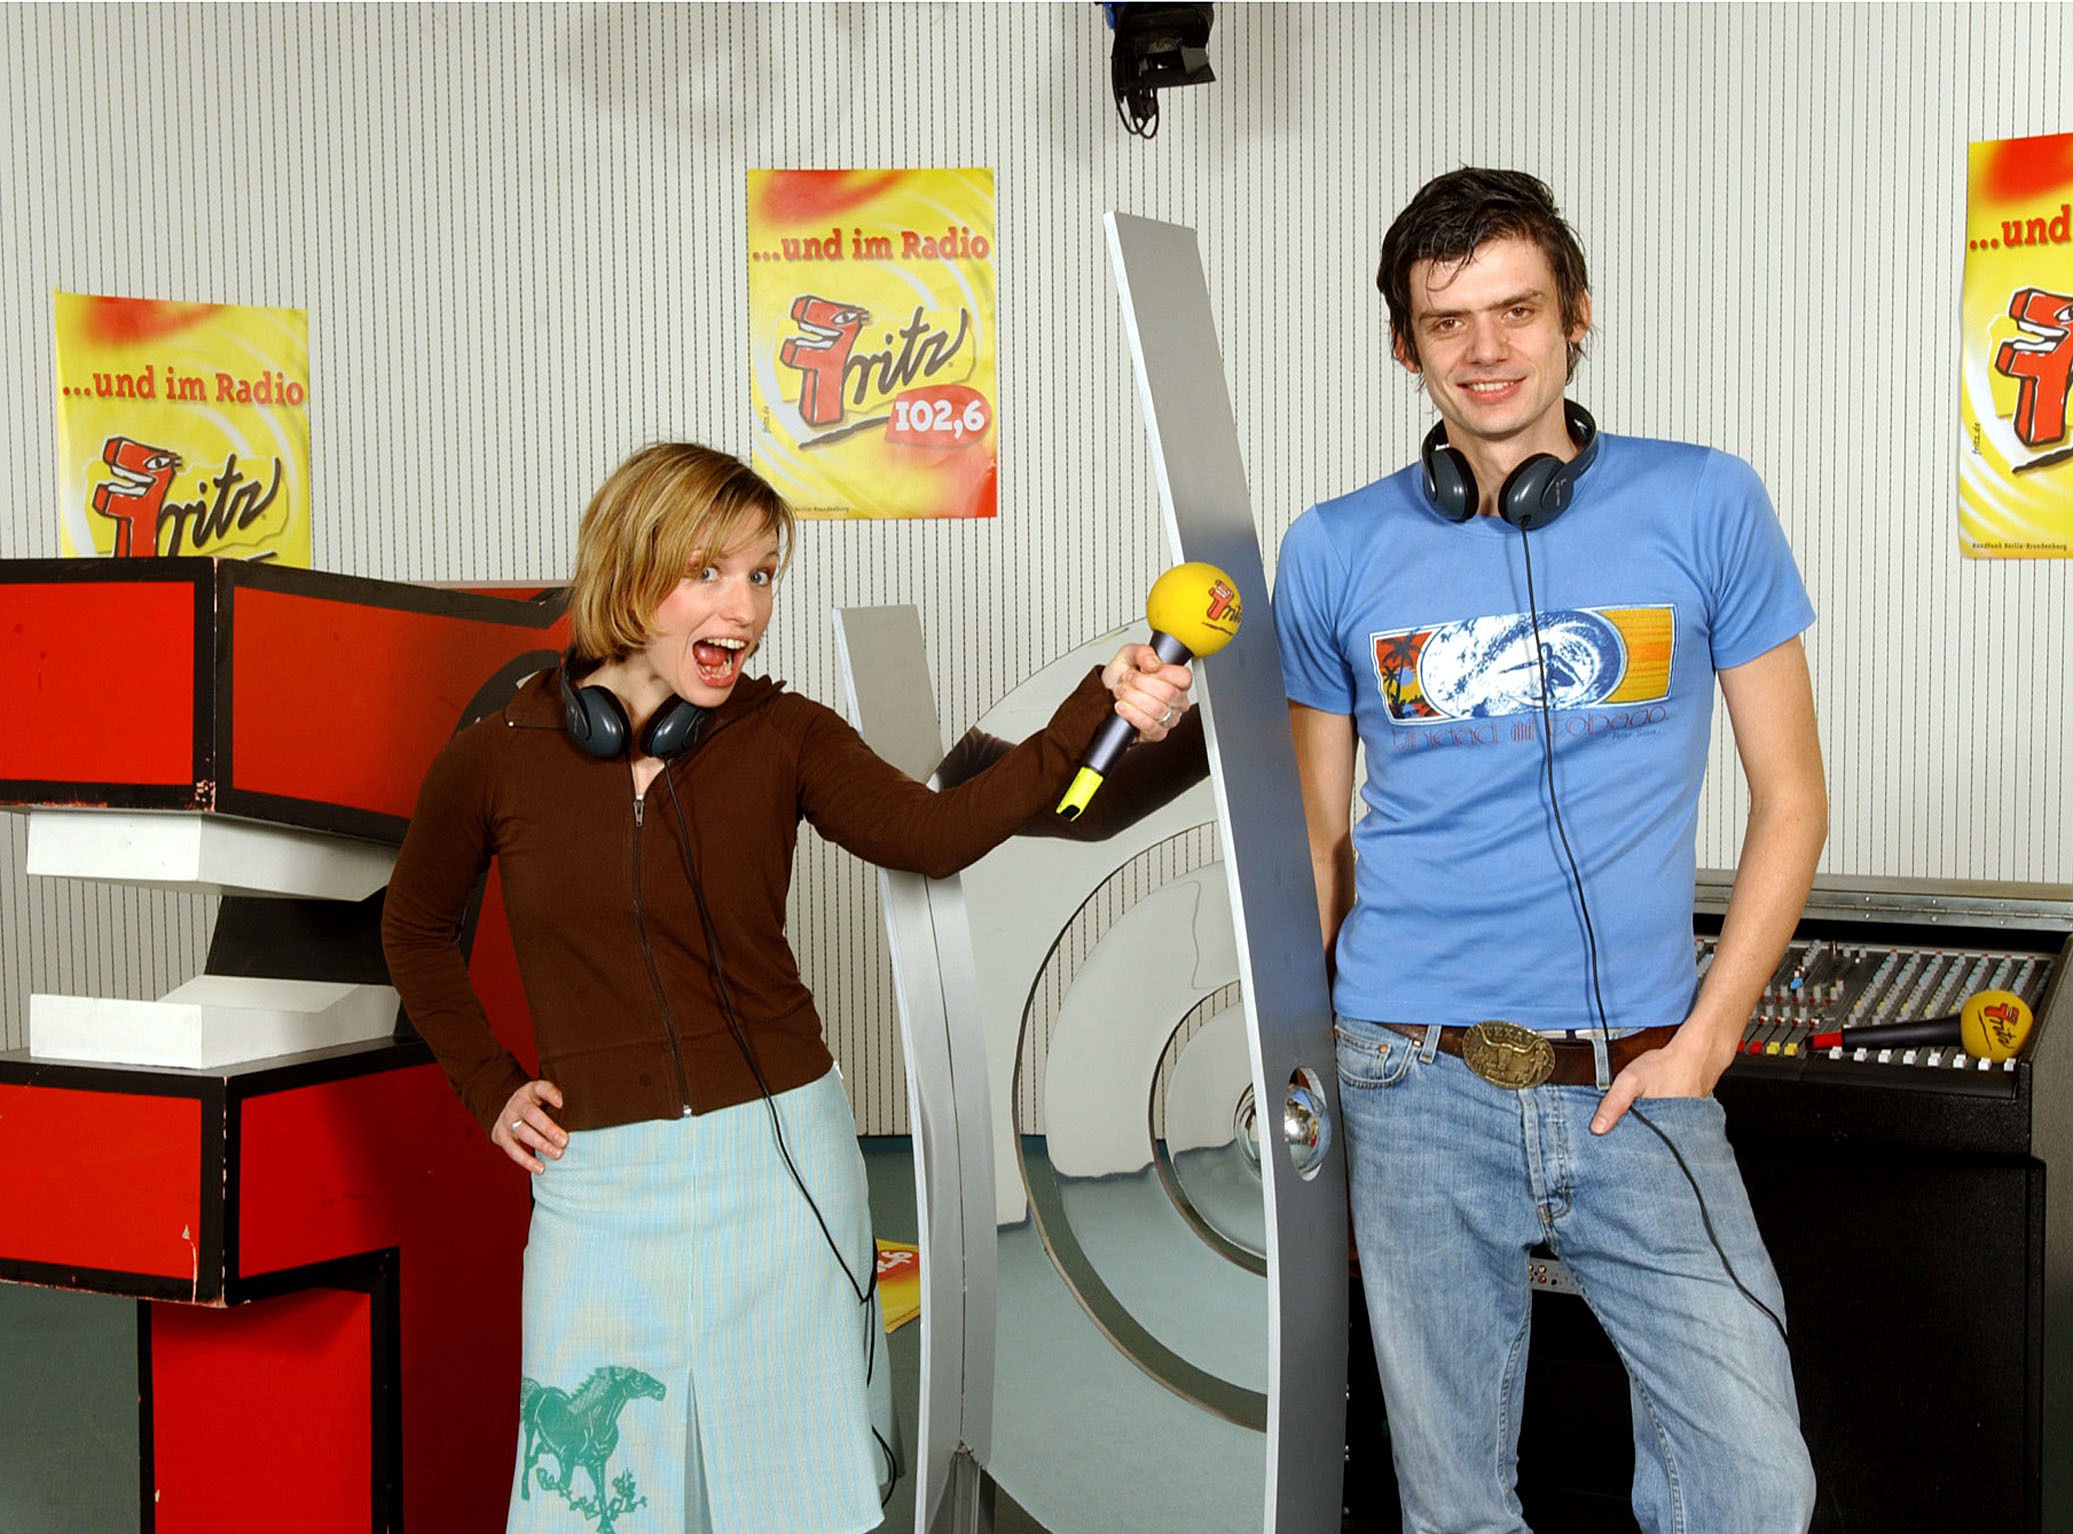 radio fritz gewinnspiele